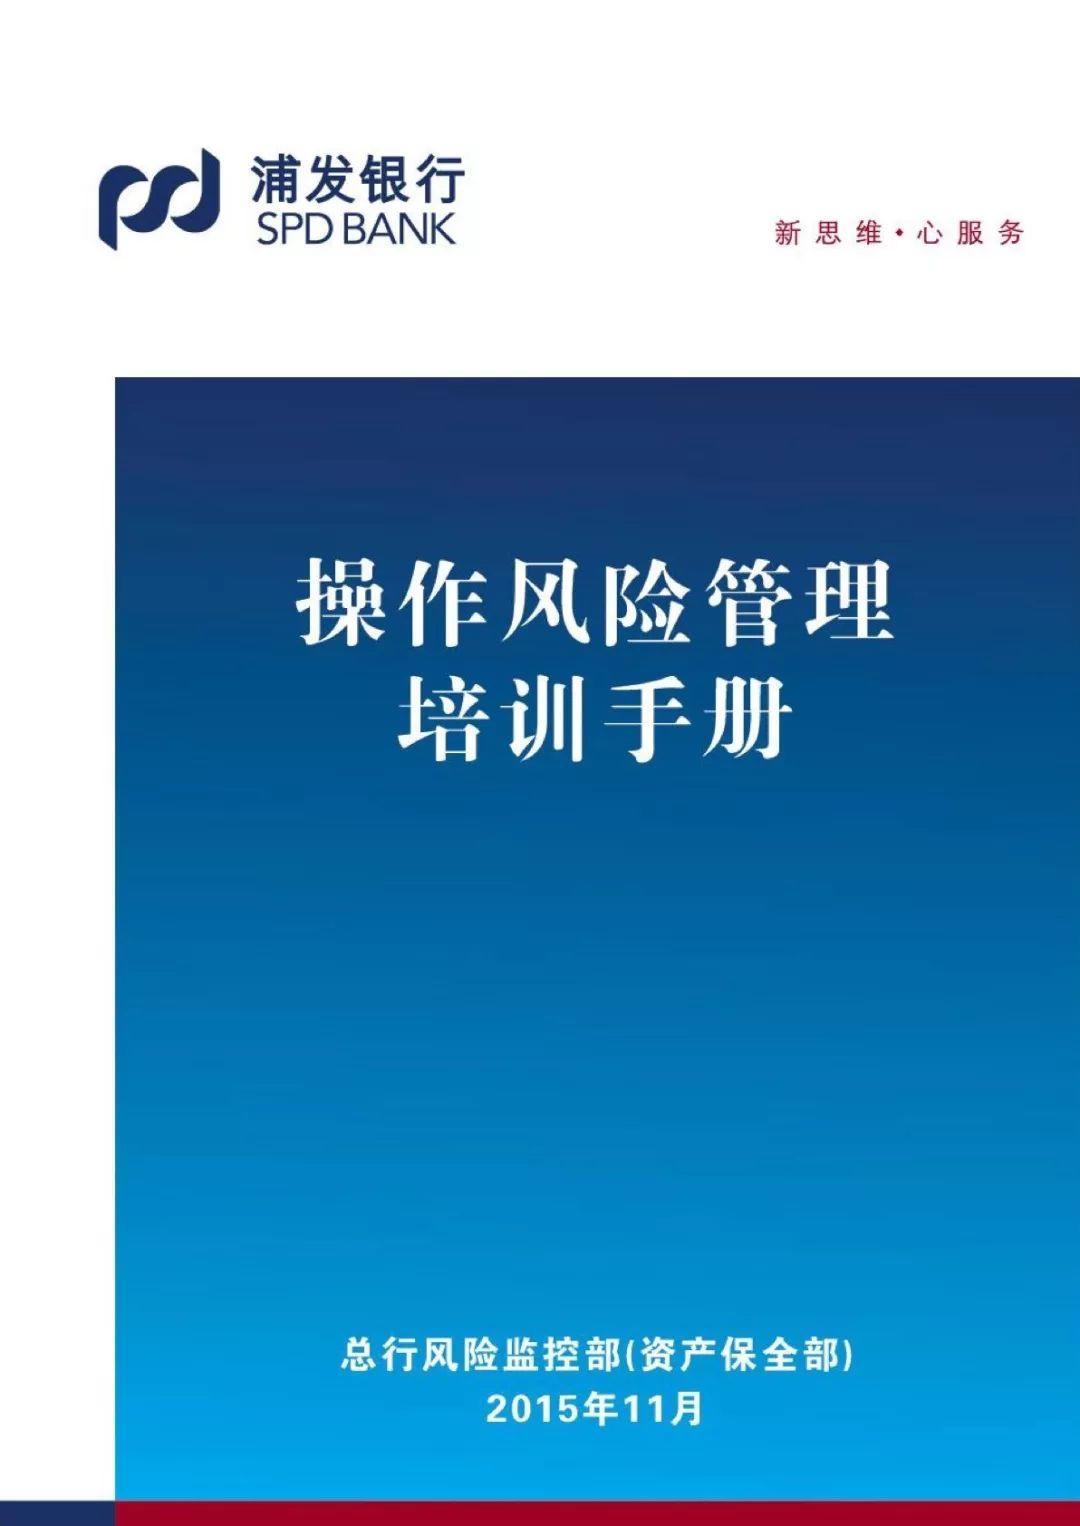 银行操作风险管理培训手册